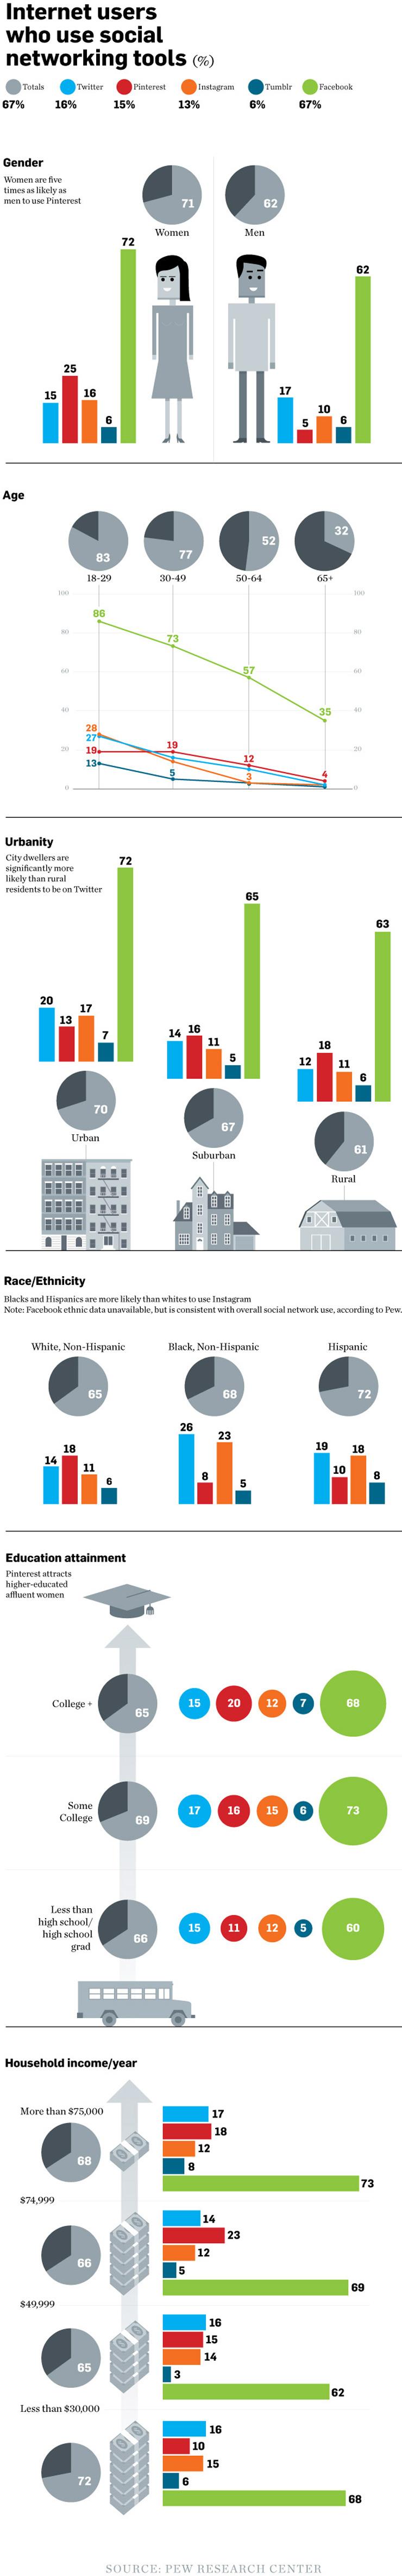 Demografie der Nutzer sozialer Netzwerke